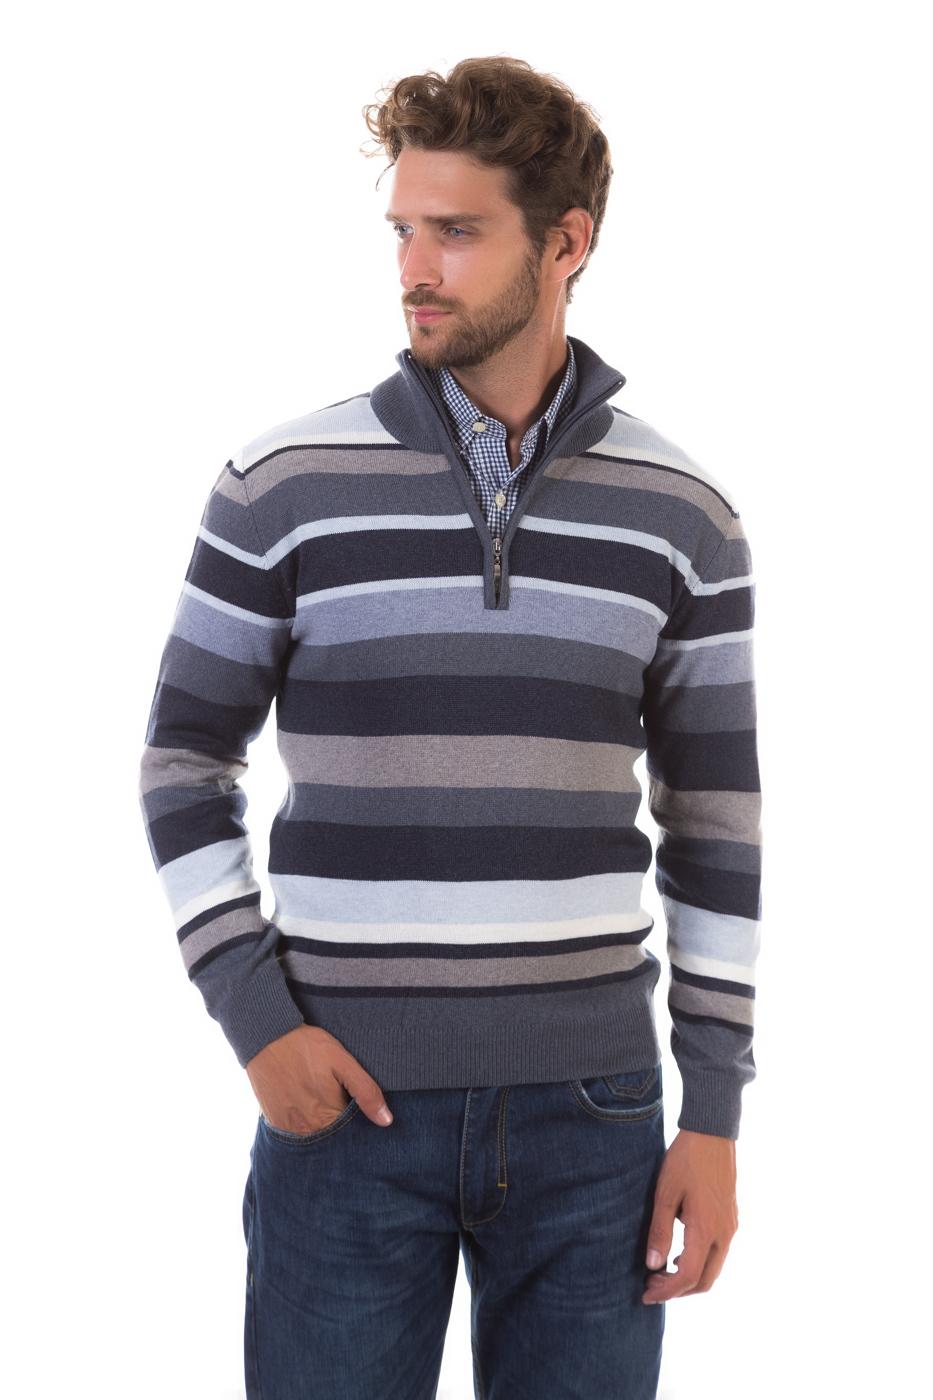 Сбор заказов. Мужские свитера, кардиганы из шерсти, хлопка. Утепляем мужчин стильно!